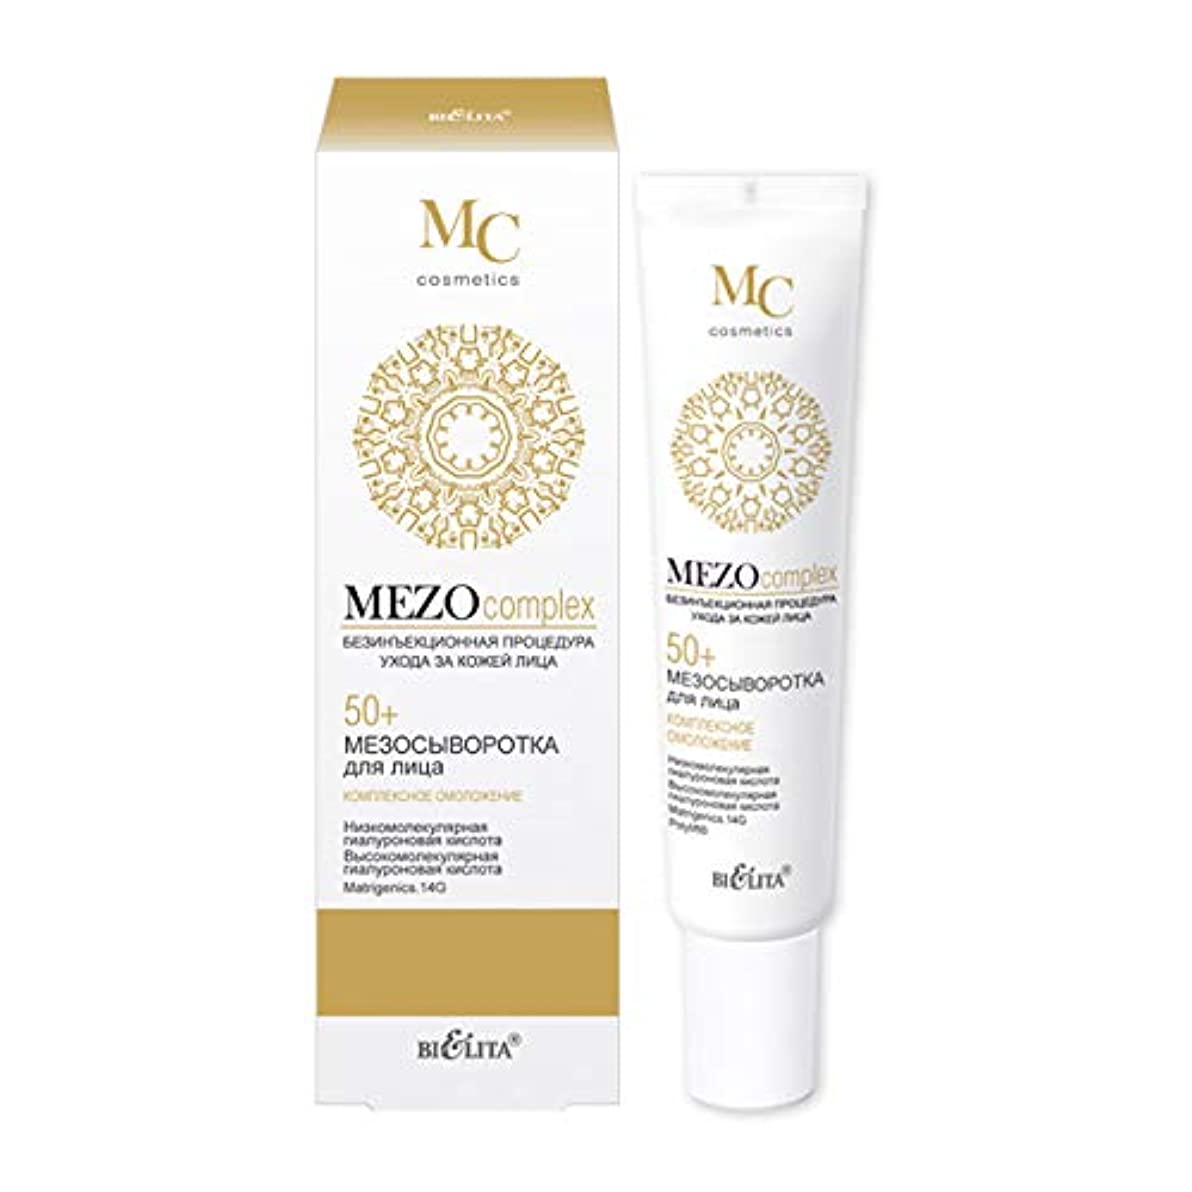 元に戻す毎回浴Mezo complex | Mezo Serum Complex 50+ | Non-injection facial skin care procedure | Hyaluronic acid | Matrigenics.14G | Polylift | Active formula | 20 ml